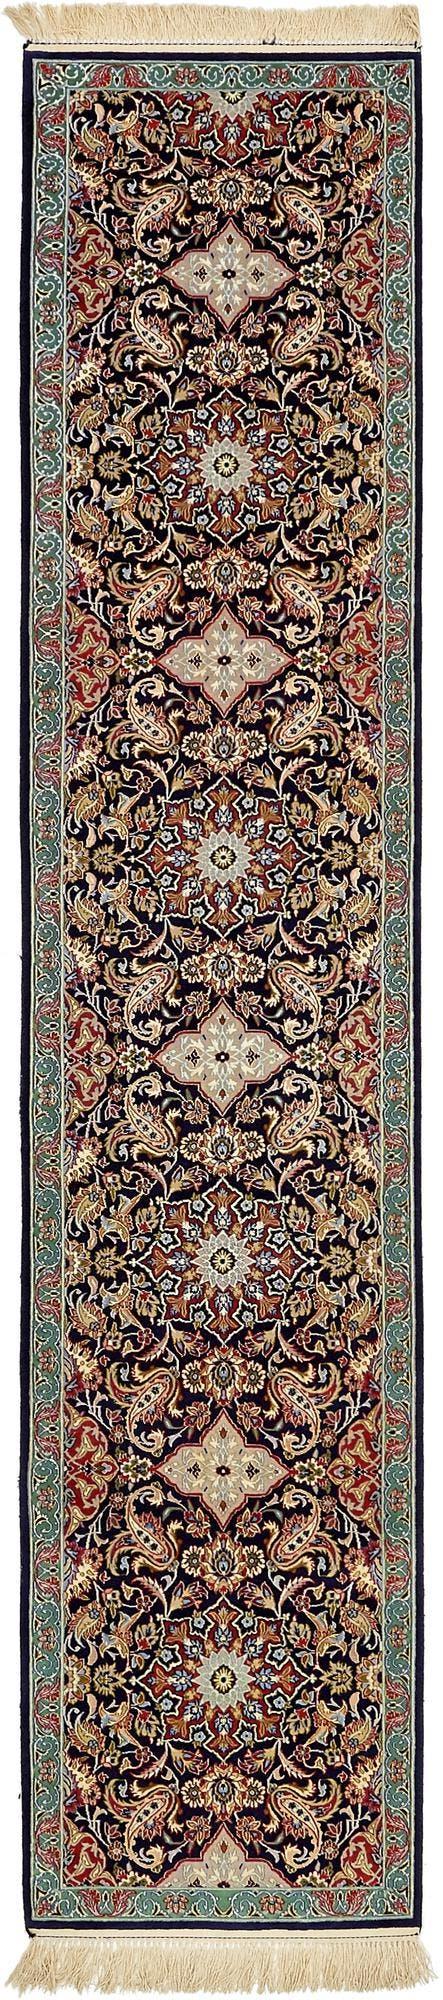 2' 1 x 9' 11 Isfahan Persian Runner Rug main image